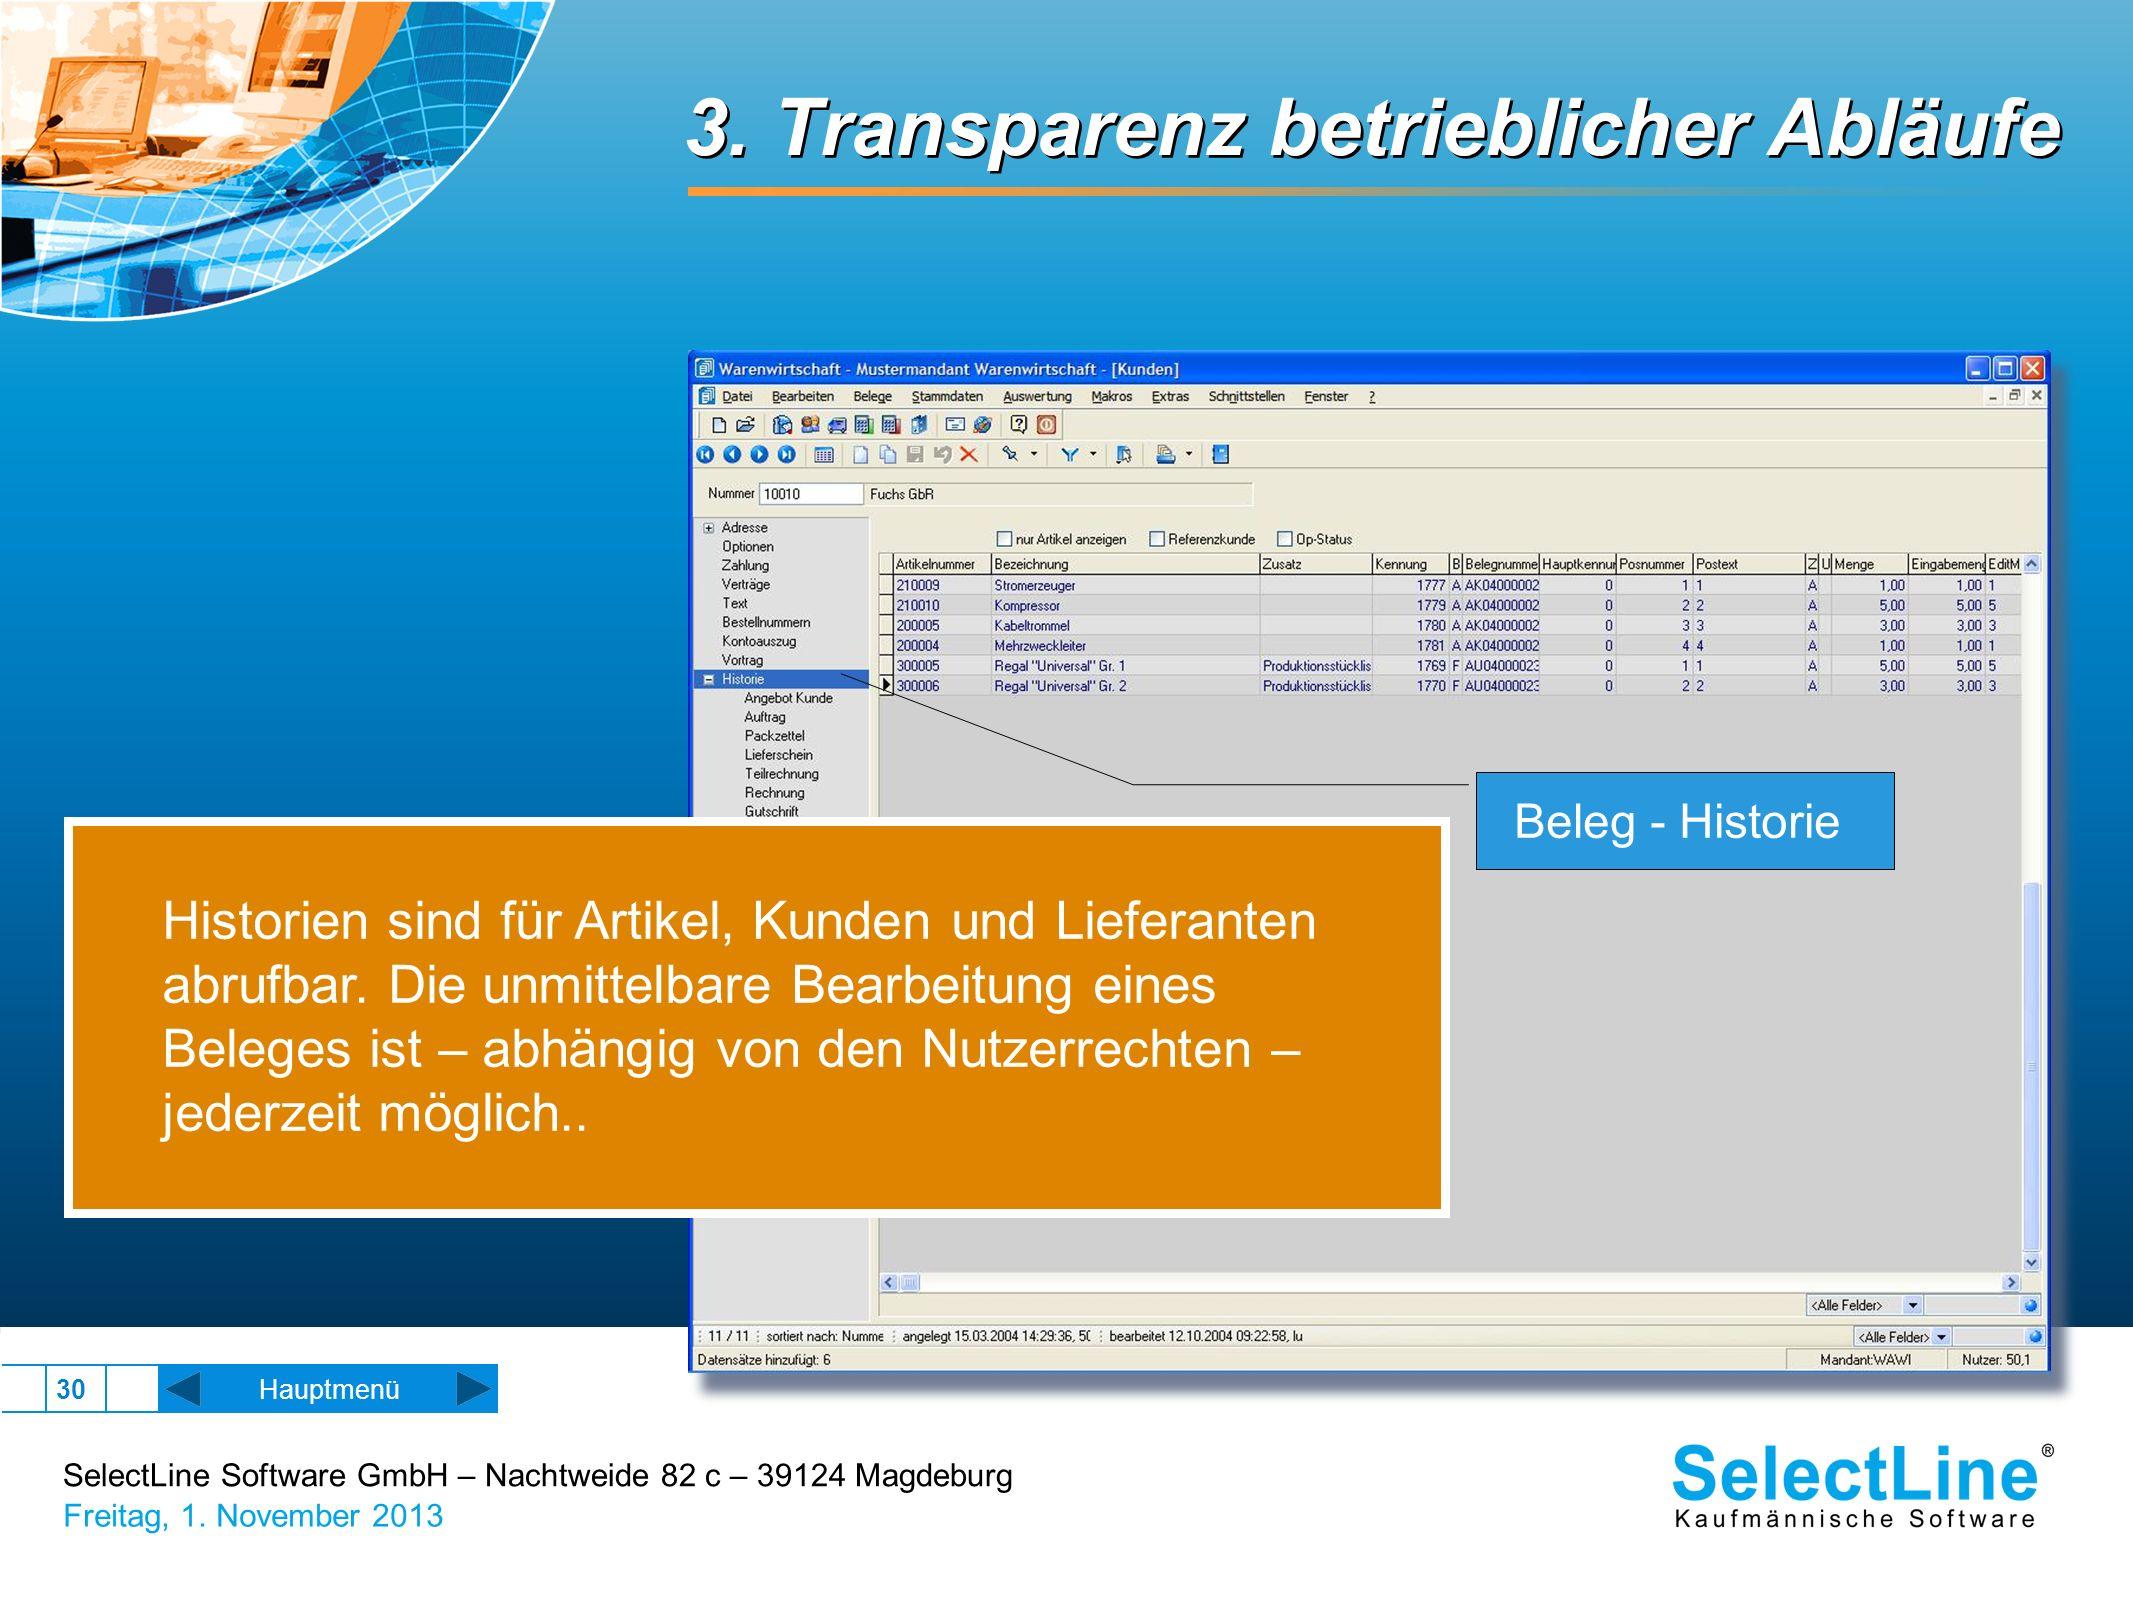 SelectLine Software GmbH – Nachtweide 82 c – 39124 Magdeburg Freitag, 1. November 2013 30 3. Transparenz betrieblicher Abläufe Beleg - Historie Histor